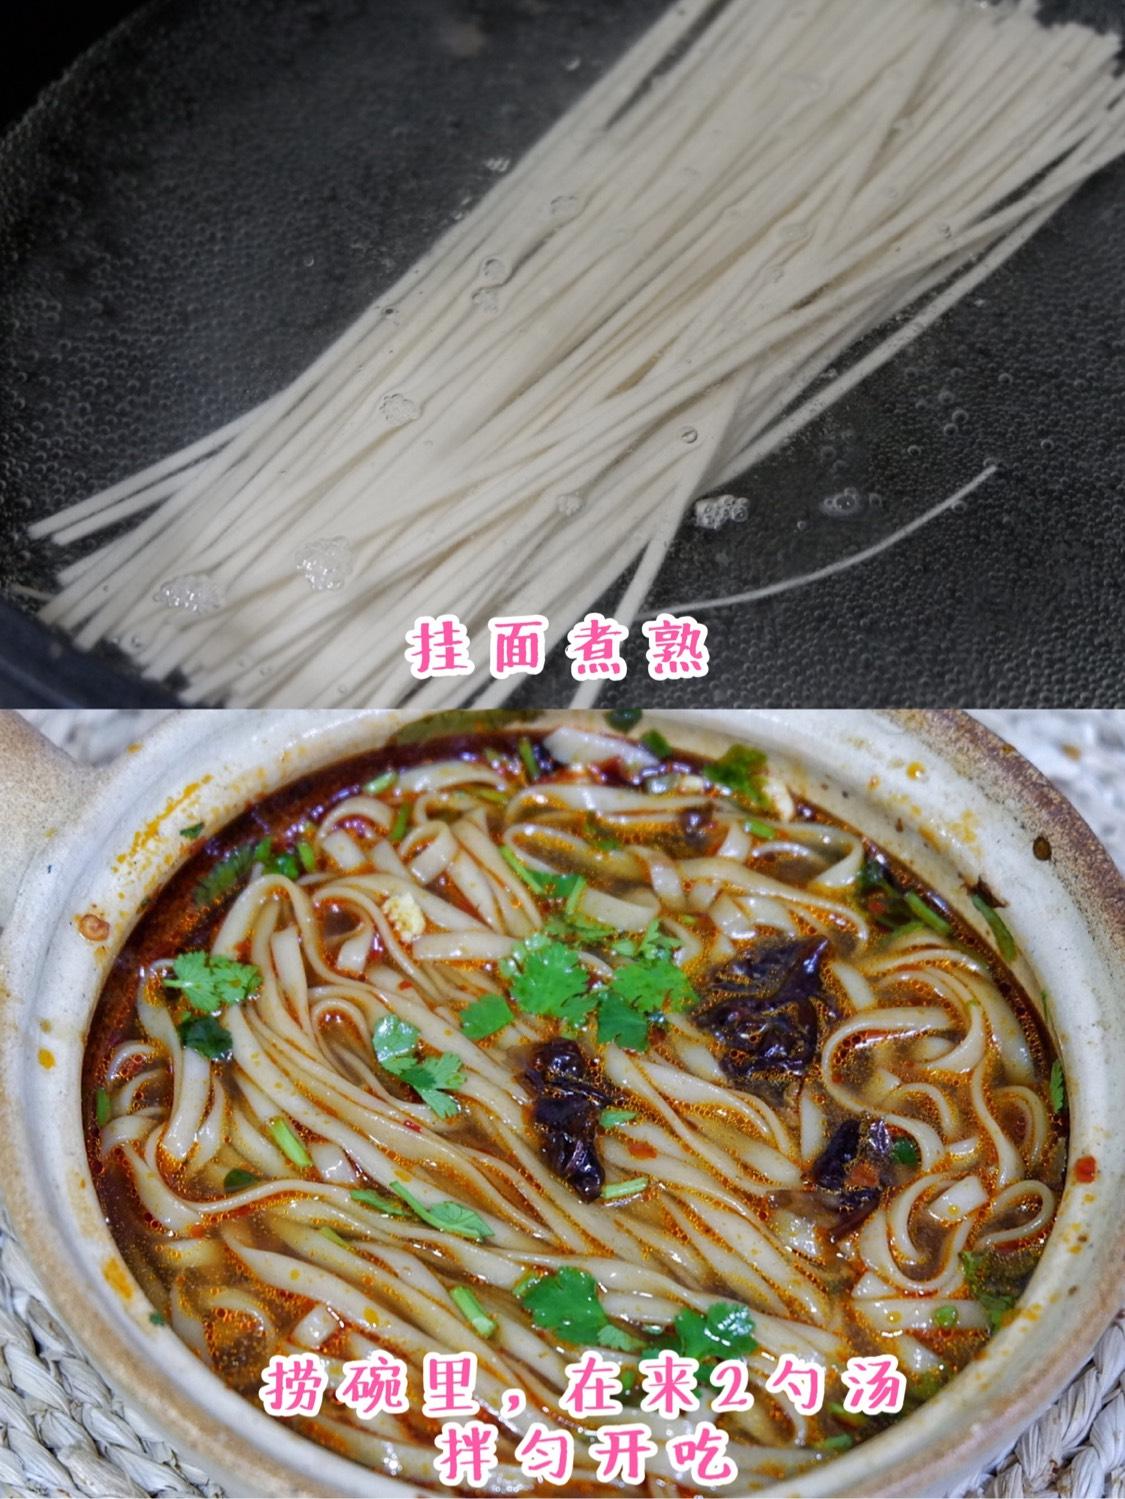 锅中煮开水下挂面煮熟,捞到碗里,在舀几勺面汤,拌匀开吃吧